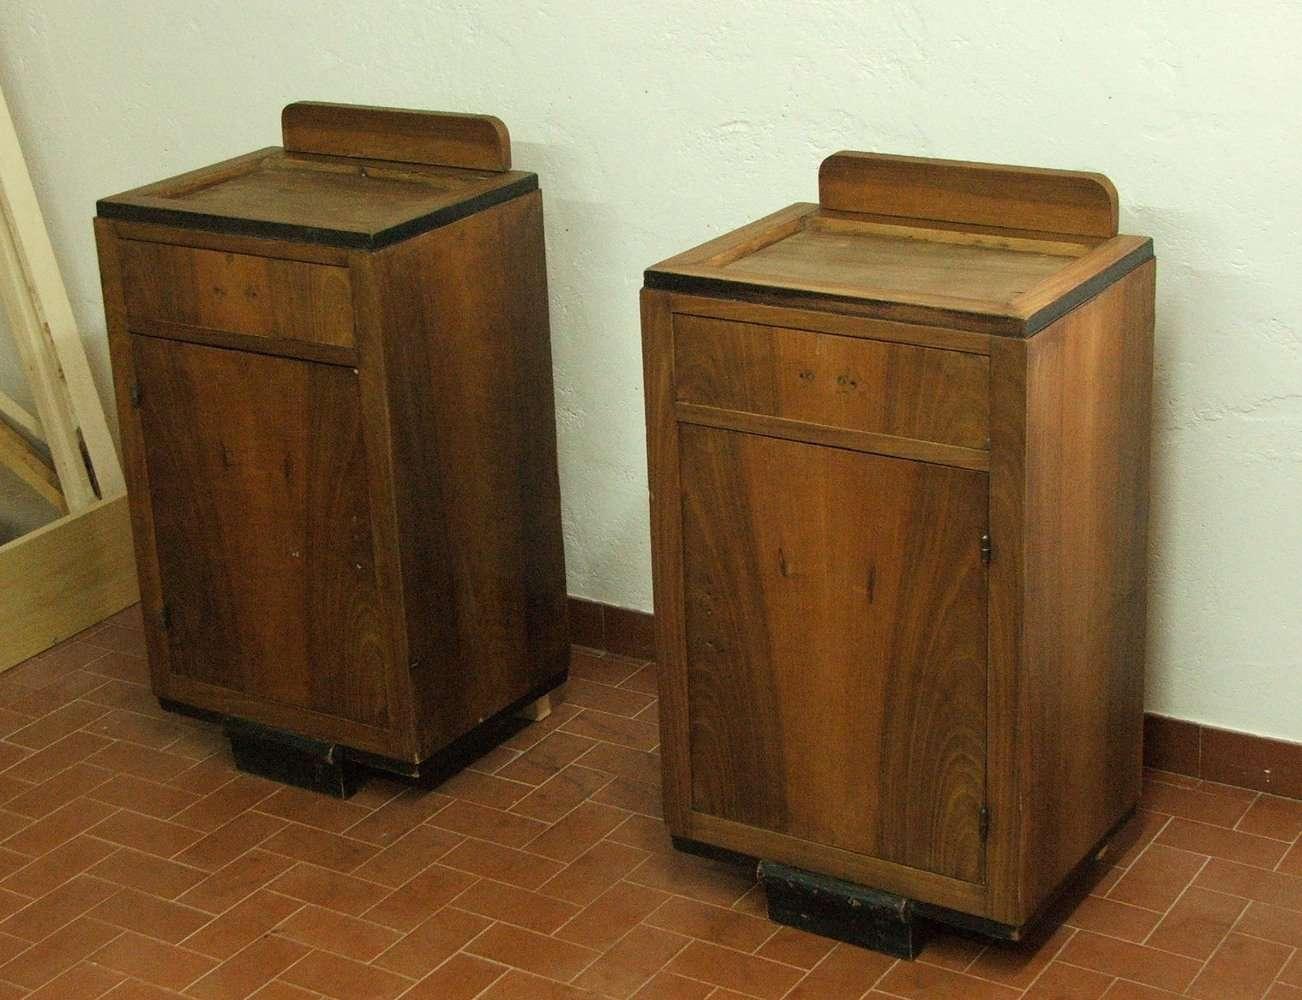 16 comodini impiallacciati in noce tintura piedi conservazione e restauro - Restauro mobili impiallacciati ...